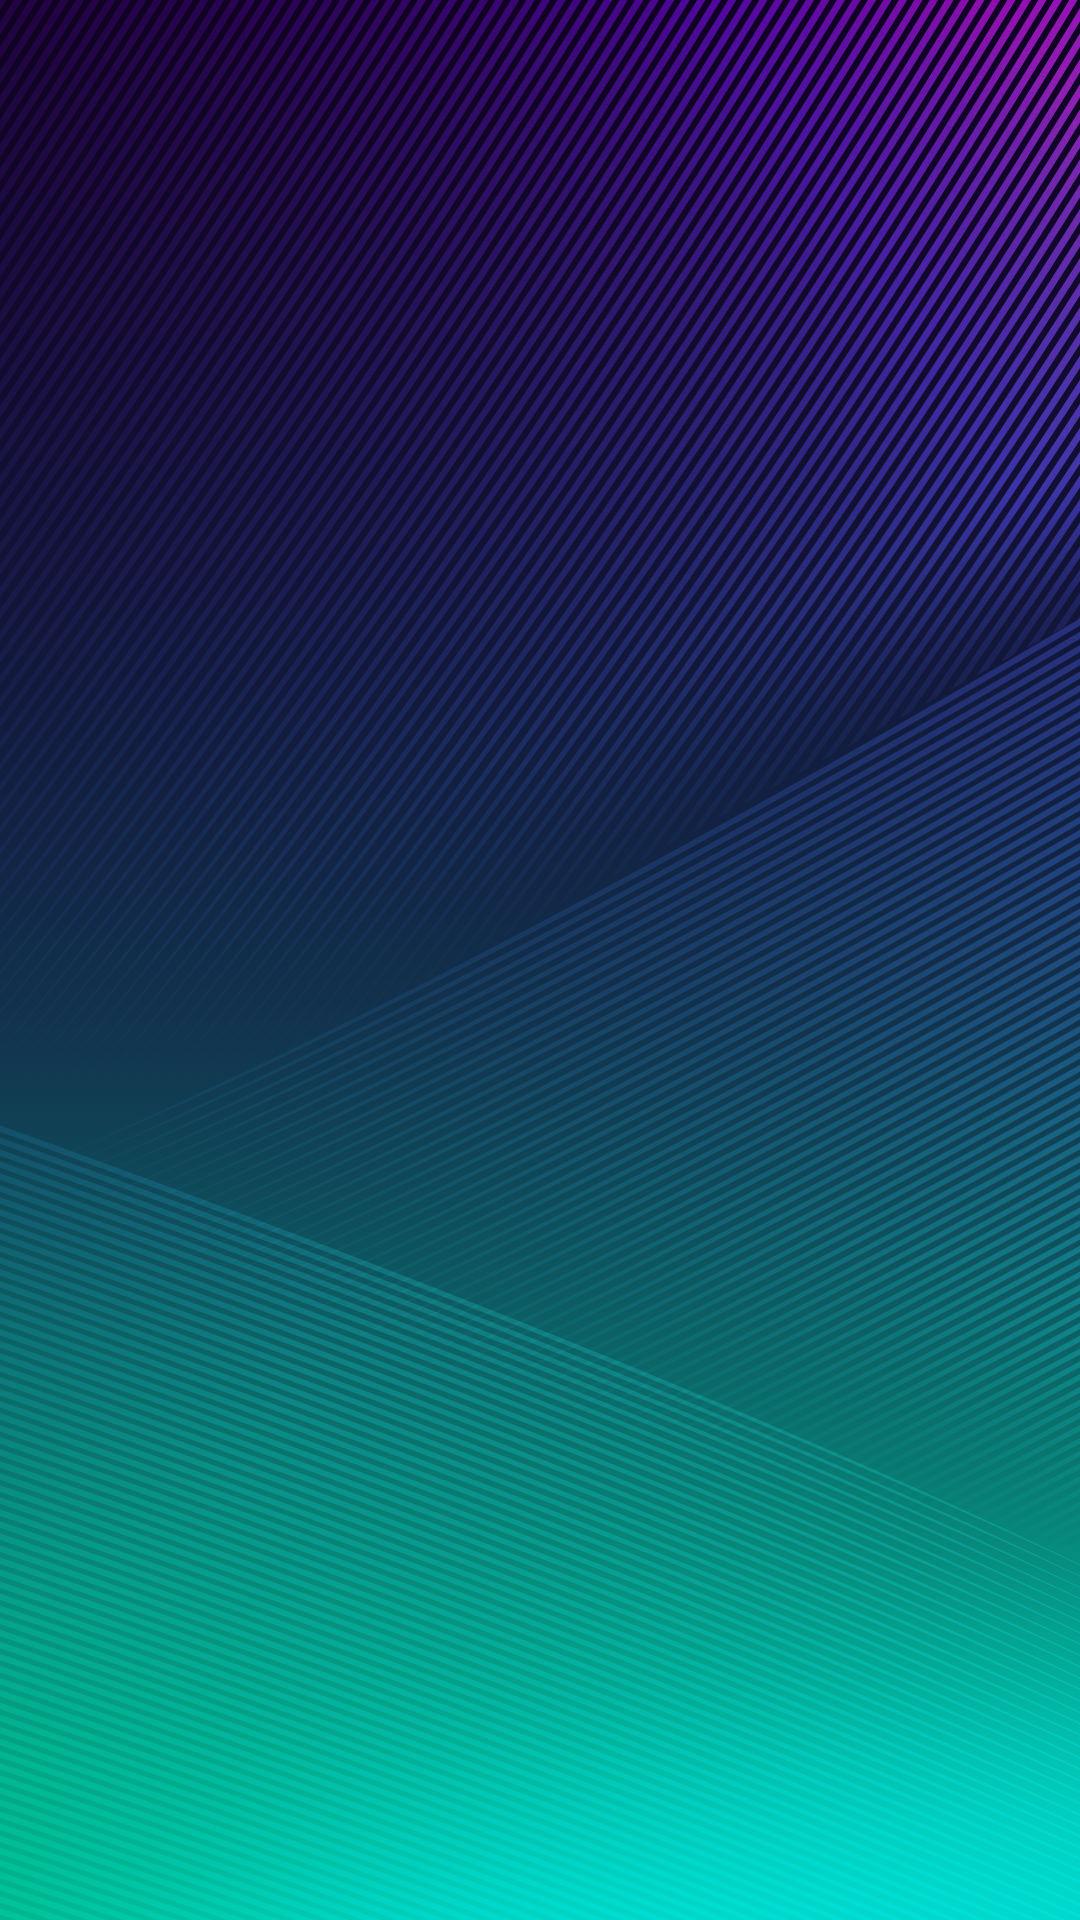 Gradient Green Purple Iphone Wallpaper